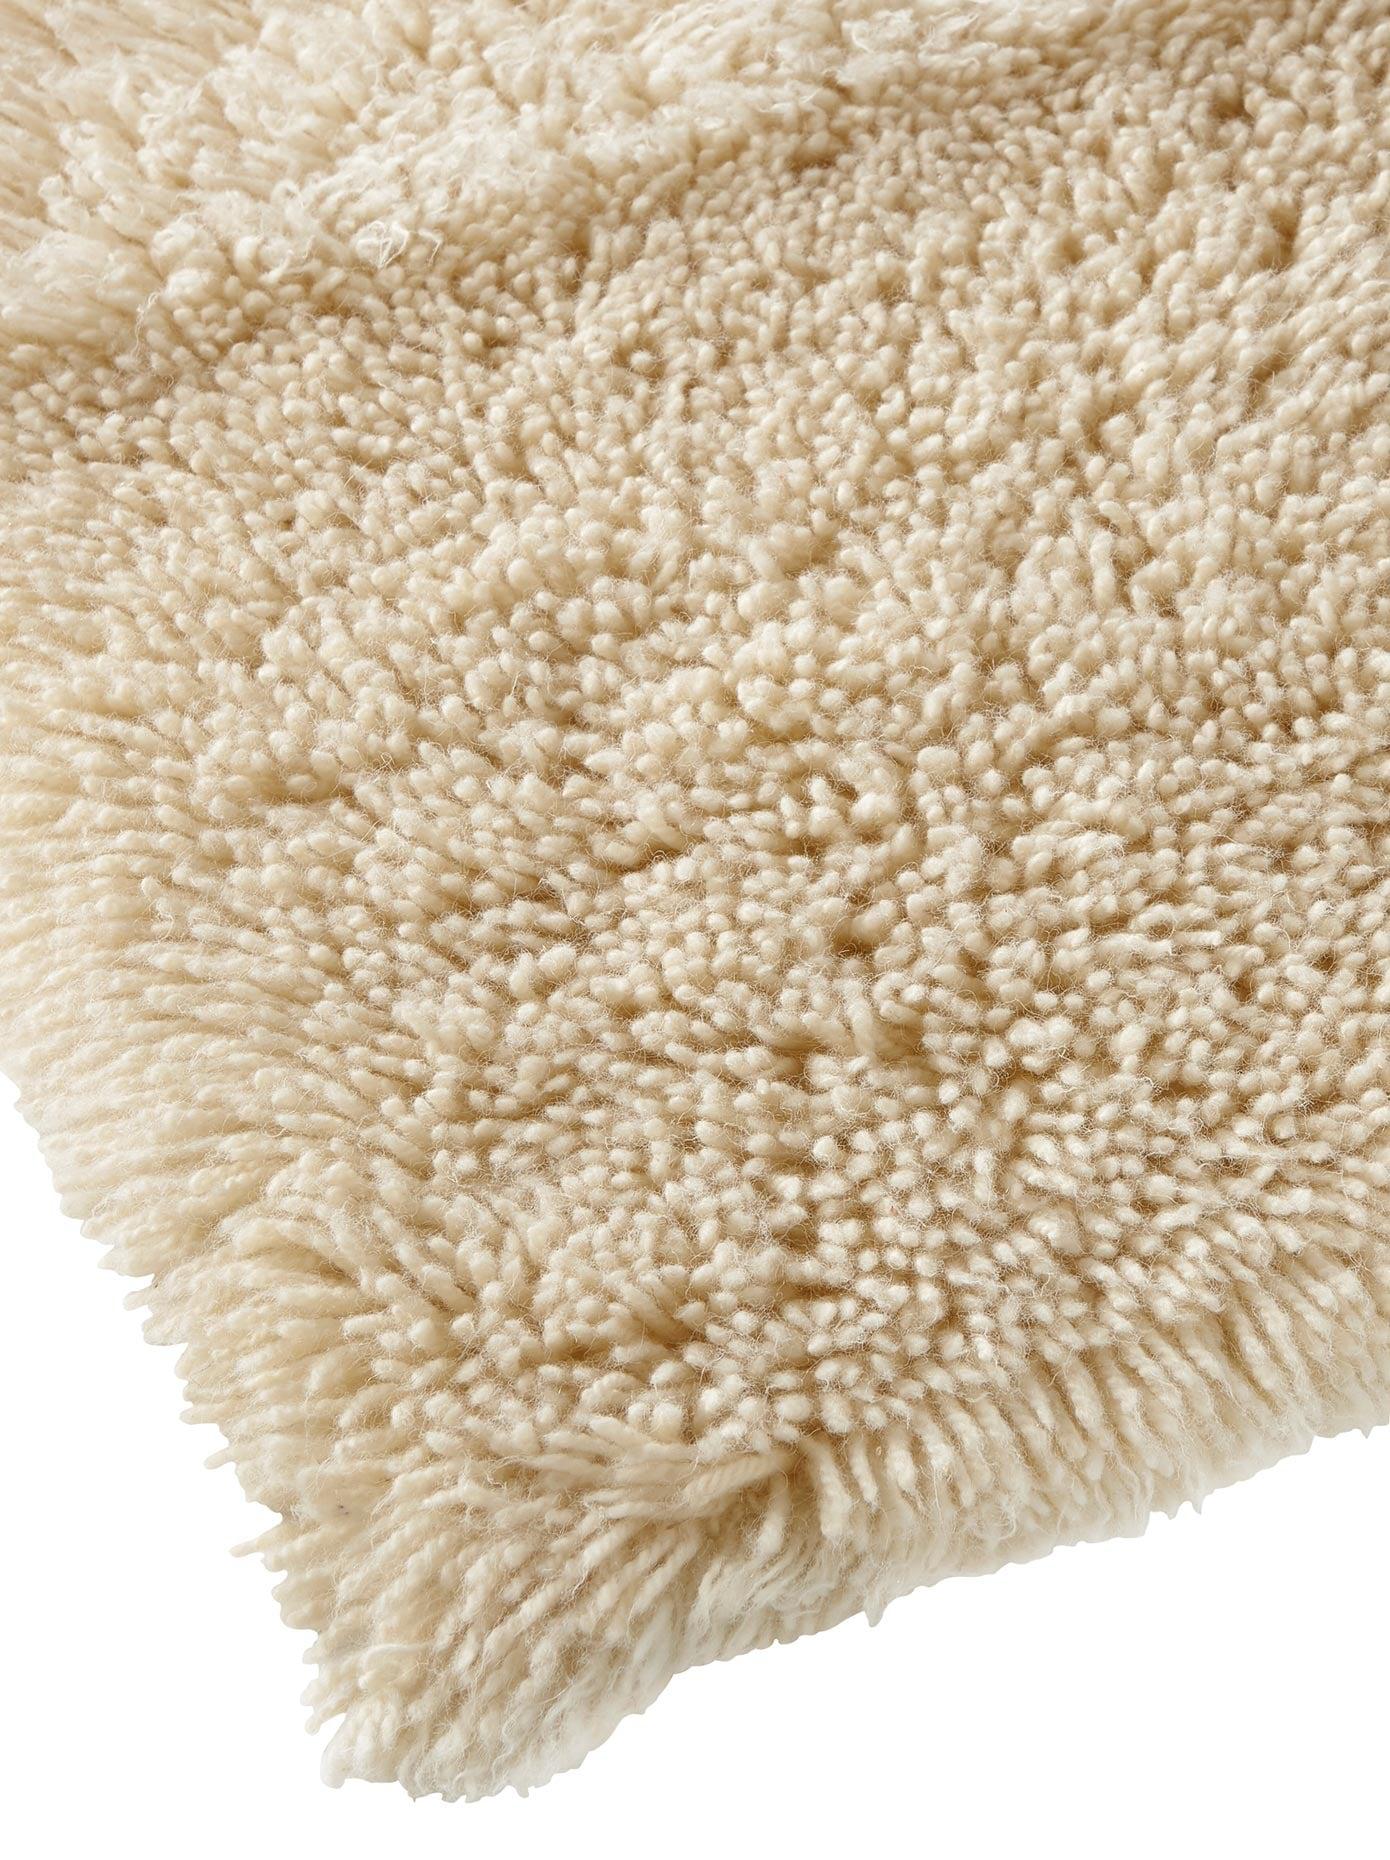 heine home Teppich, rechteckig, 70 mm Höhe beige Teppich Schurwollteppiche Naturteppiche Teppiche